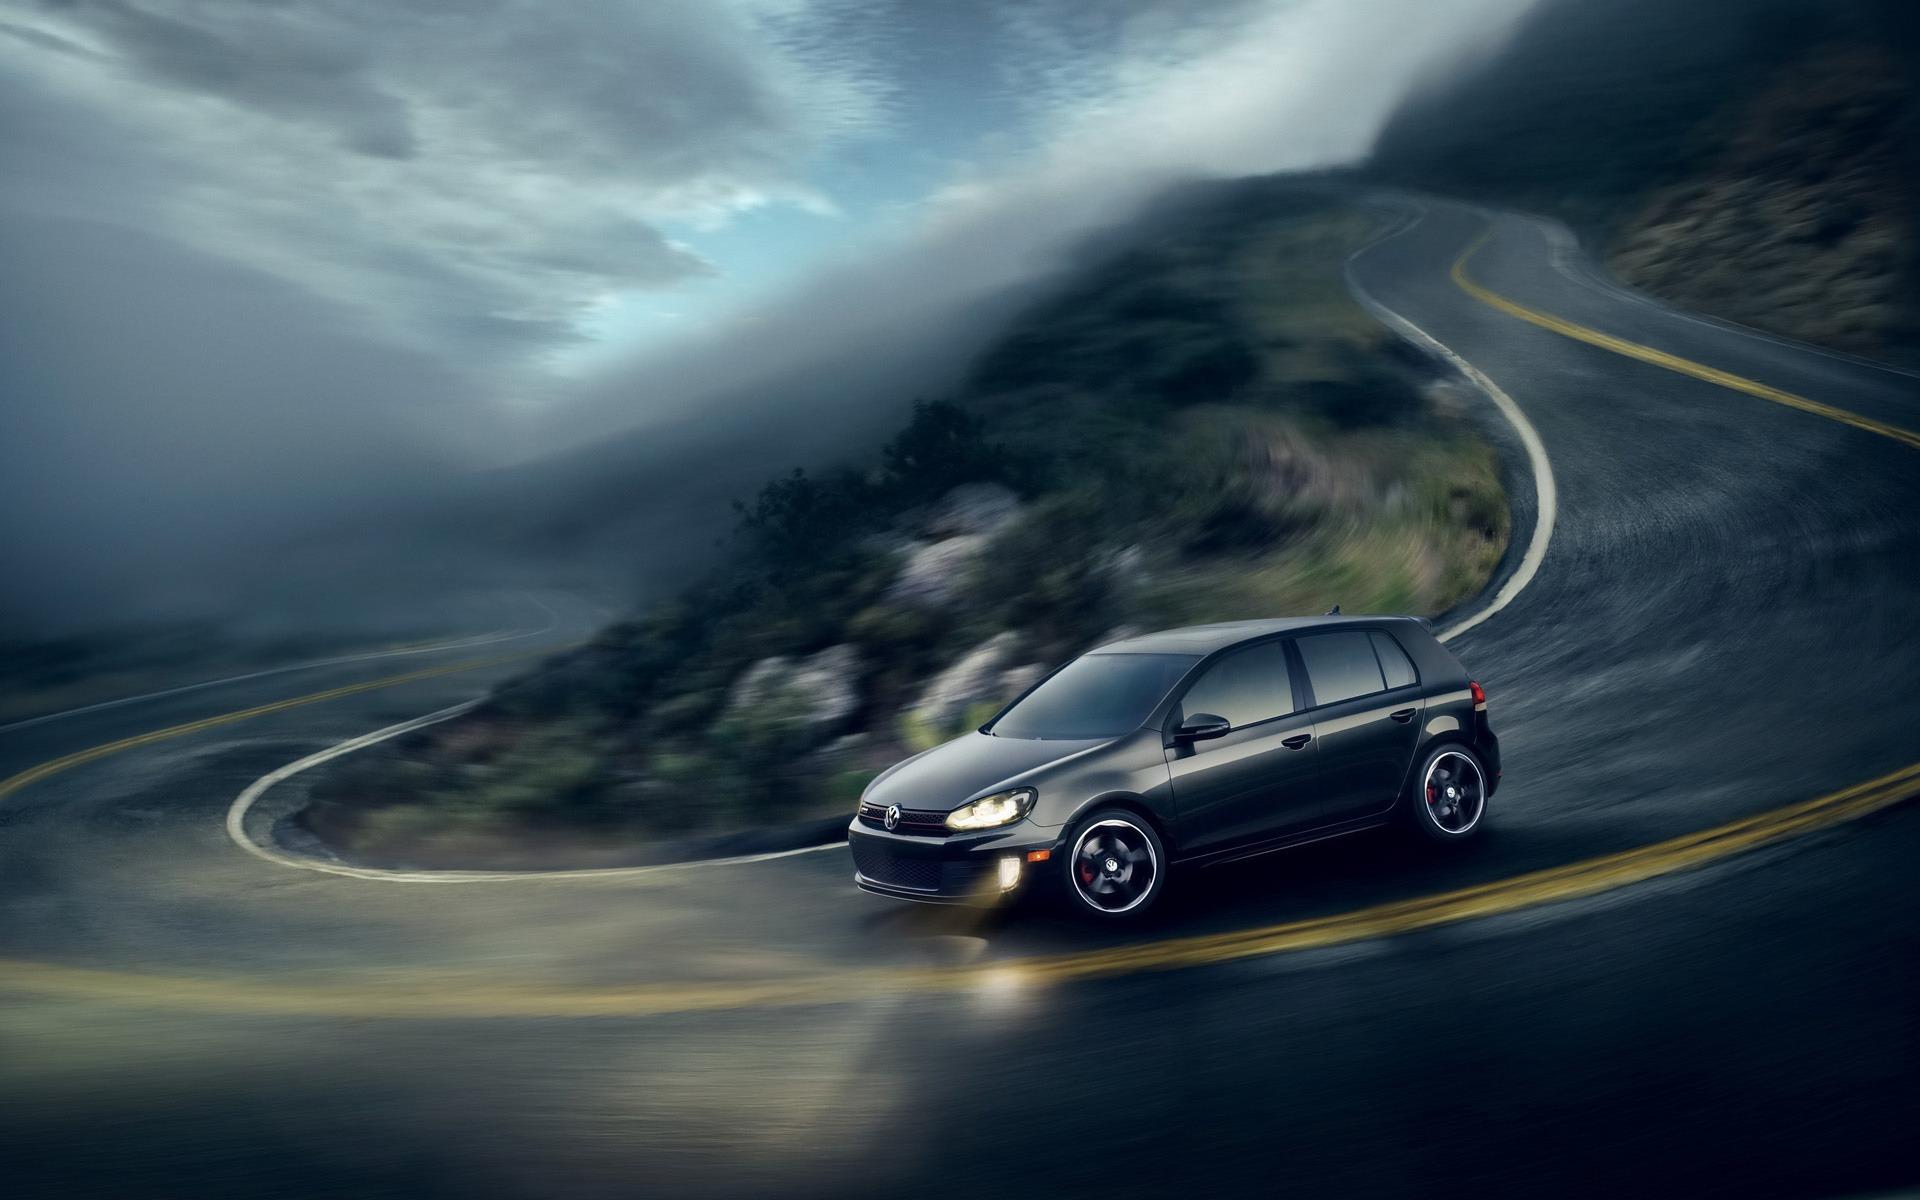 Hd wallpaper vehicle - Hd Wallpaper Volkswagen Golf Hd Wallpaper Volkswagen Golf Hd Wallpaper